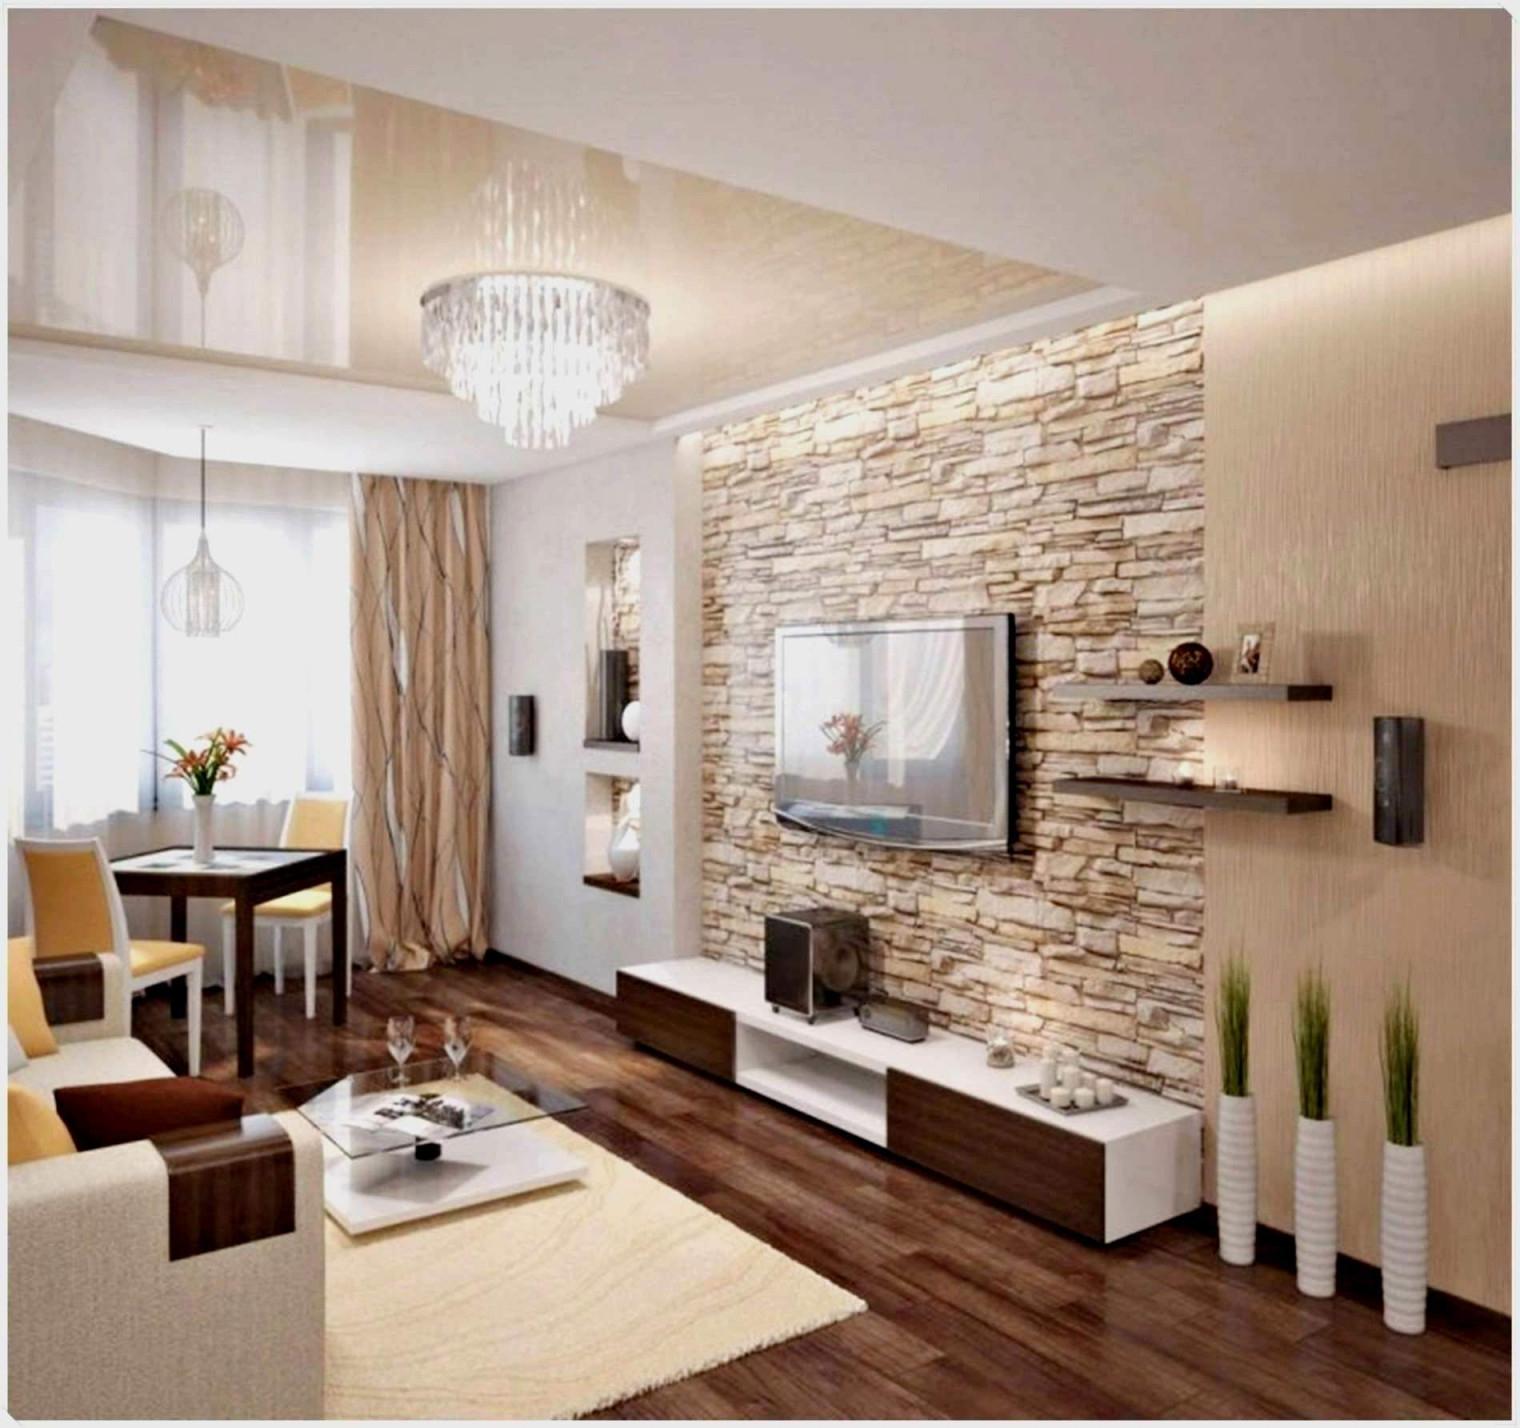 Moderne Deko Wohnzimmer Neu Elegant Dekoartikel Wohnzimmer von Deko Bilder Für Wohnzimmer Bild